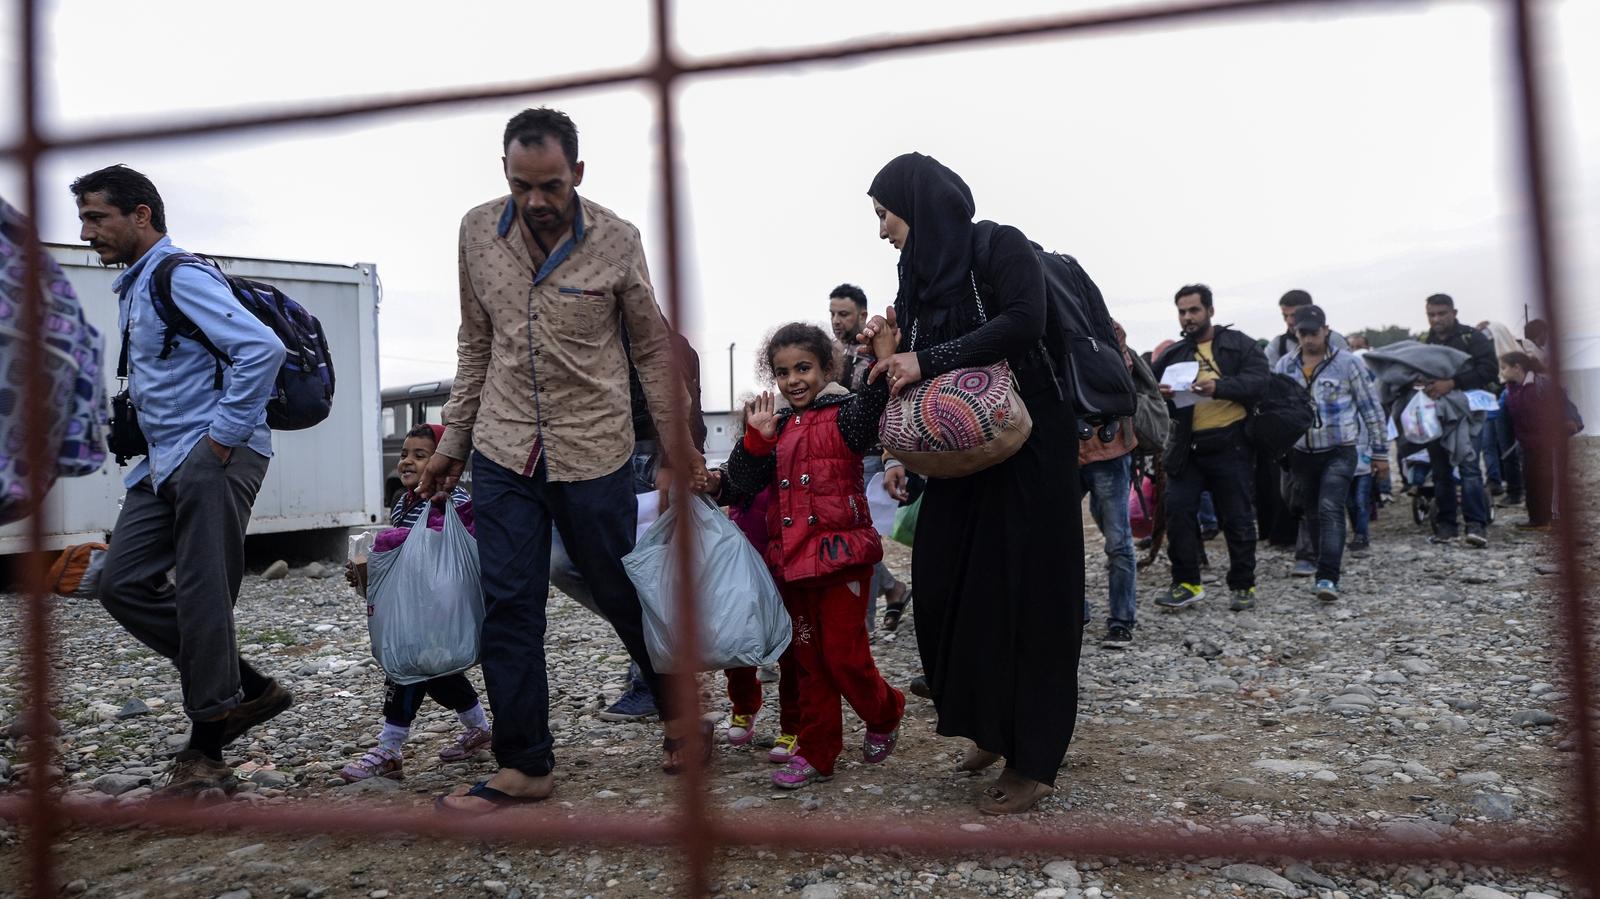 No sign militants posing as refugees to reach EU